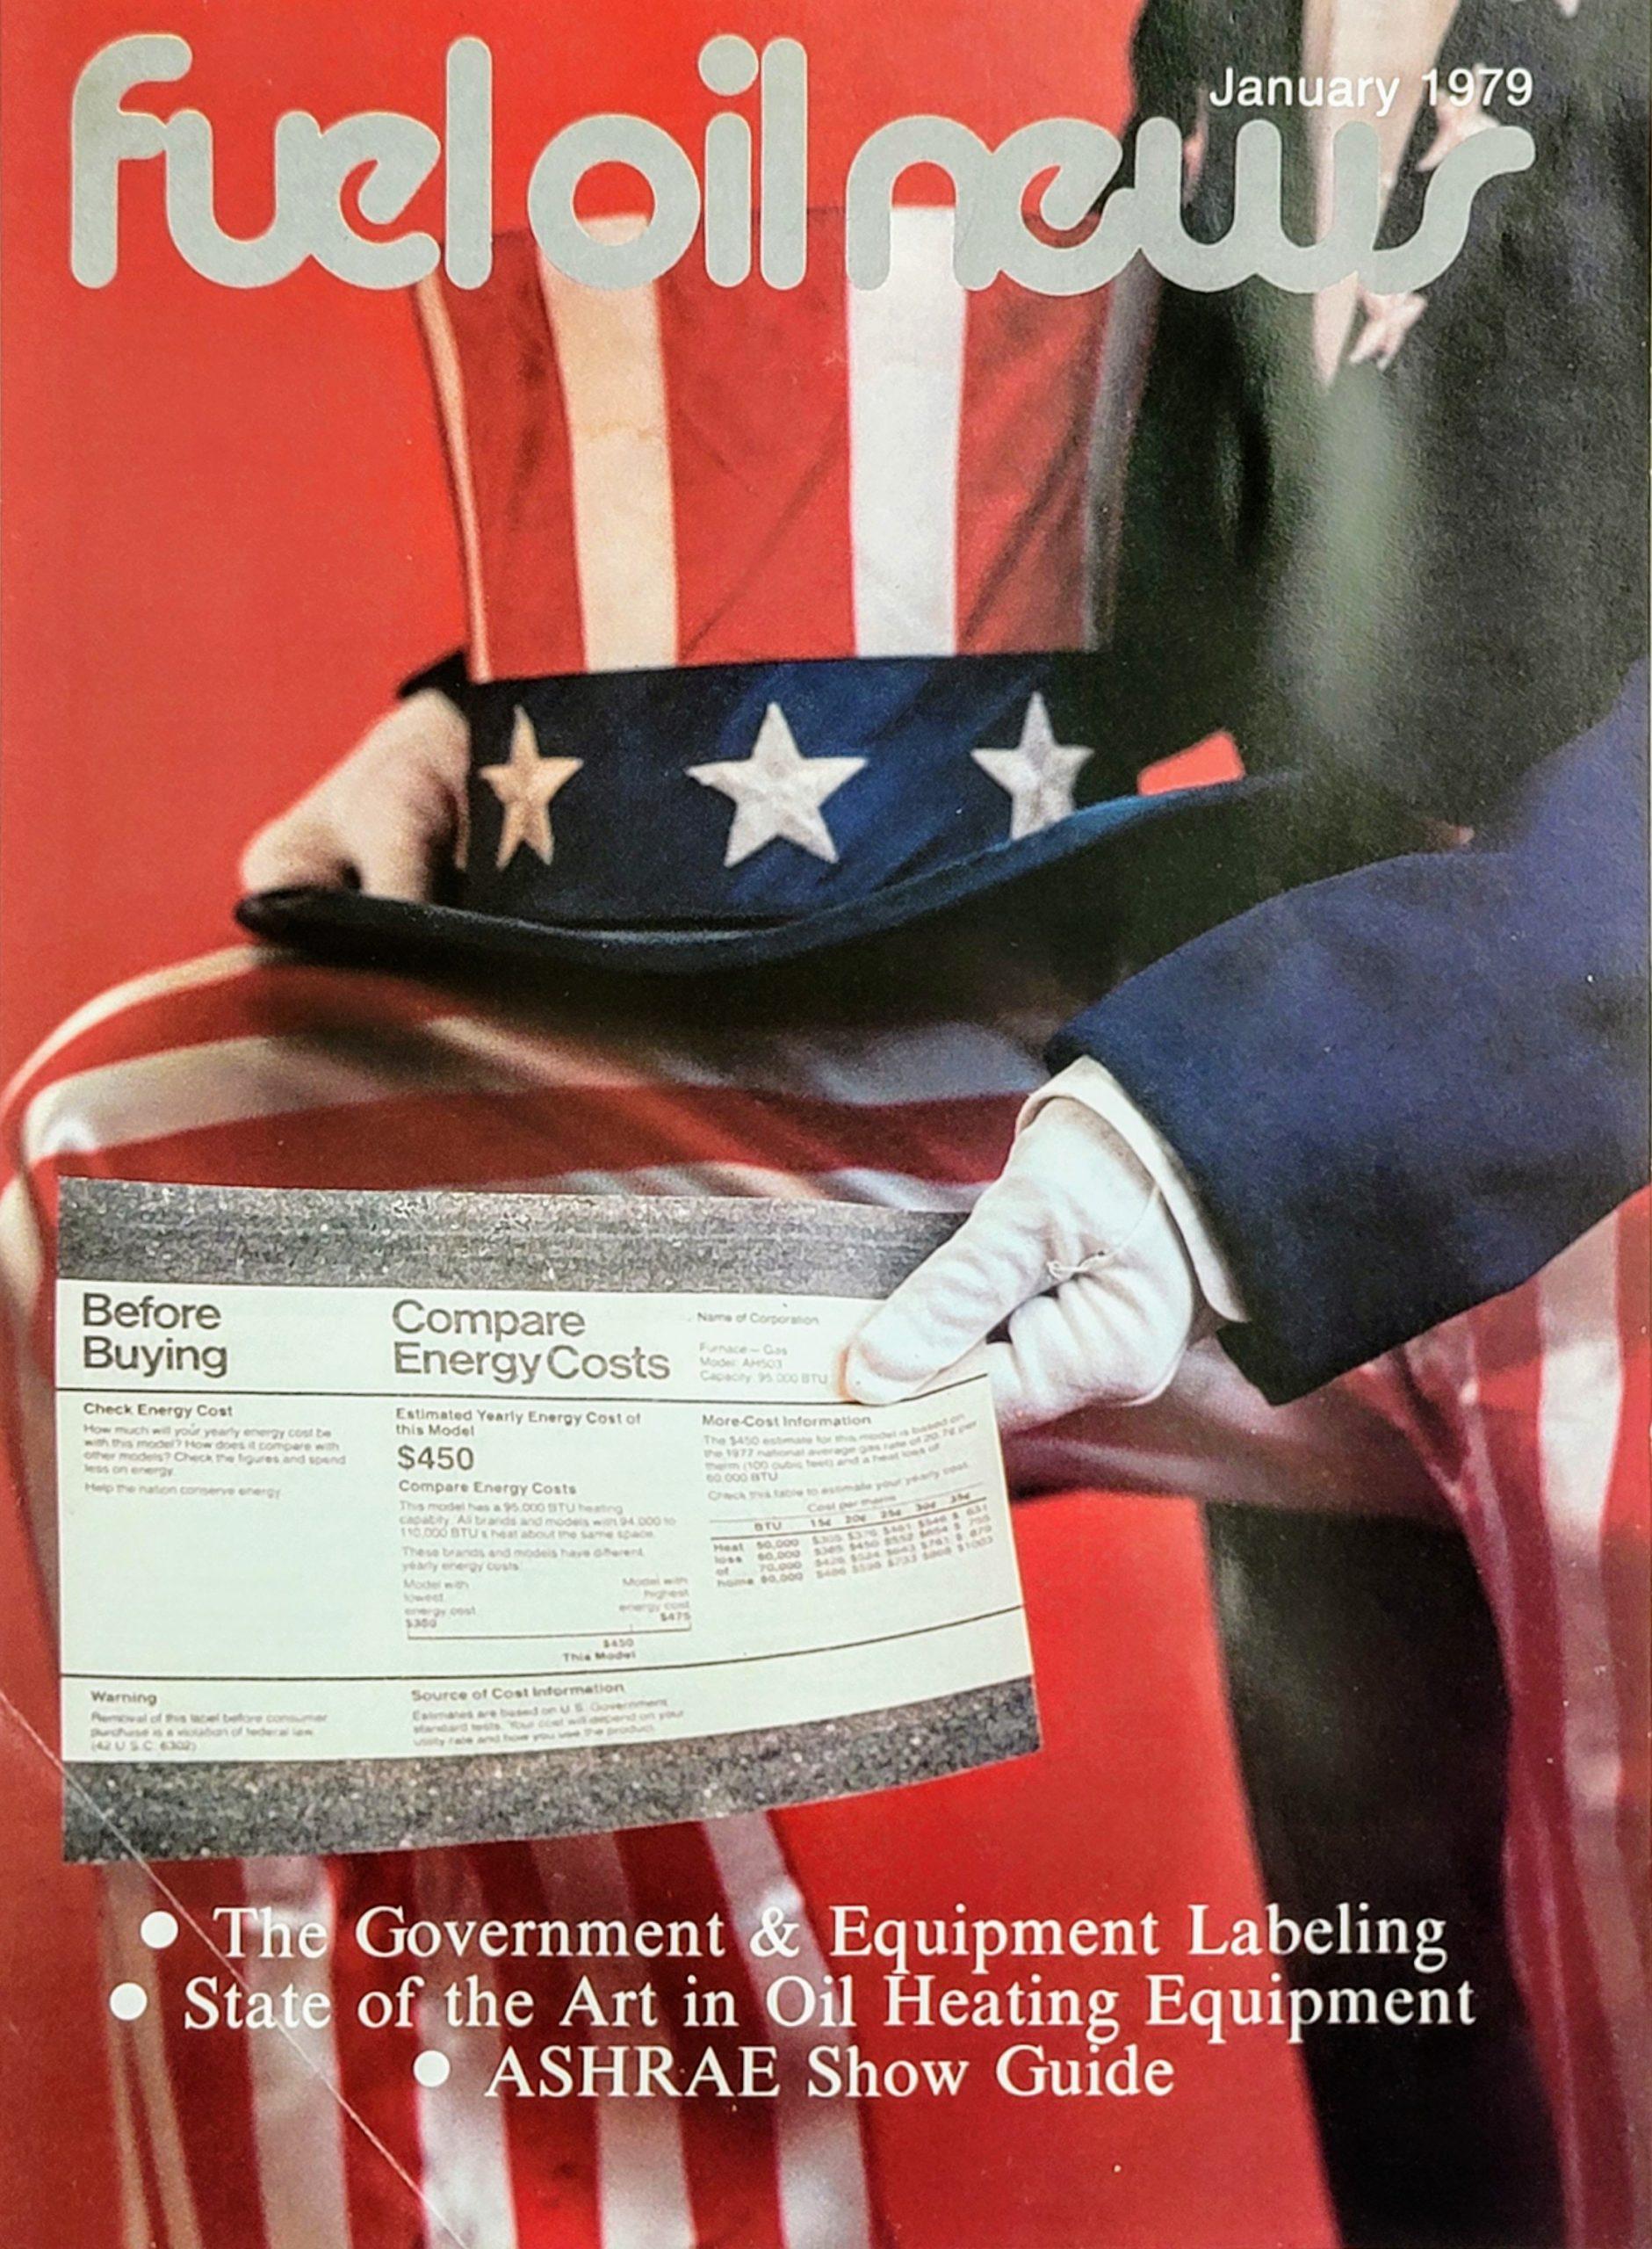 1979-1_publex_fuel oil news_cover